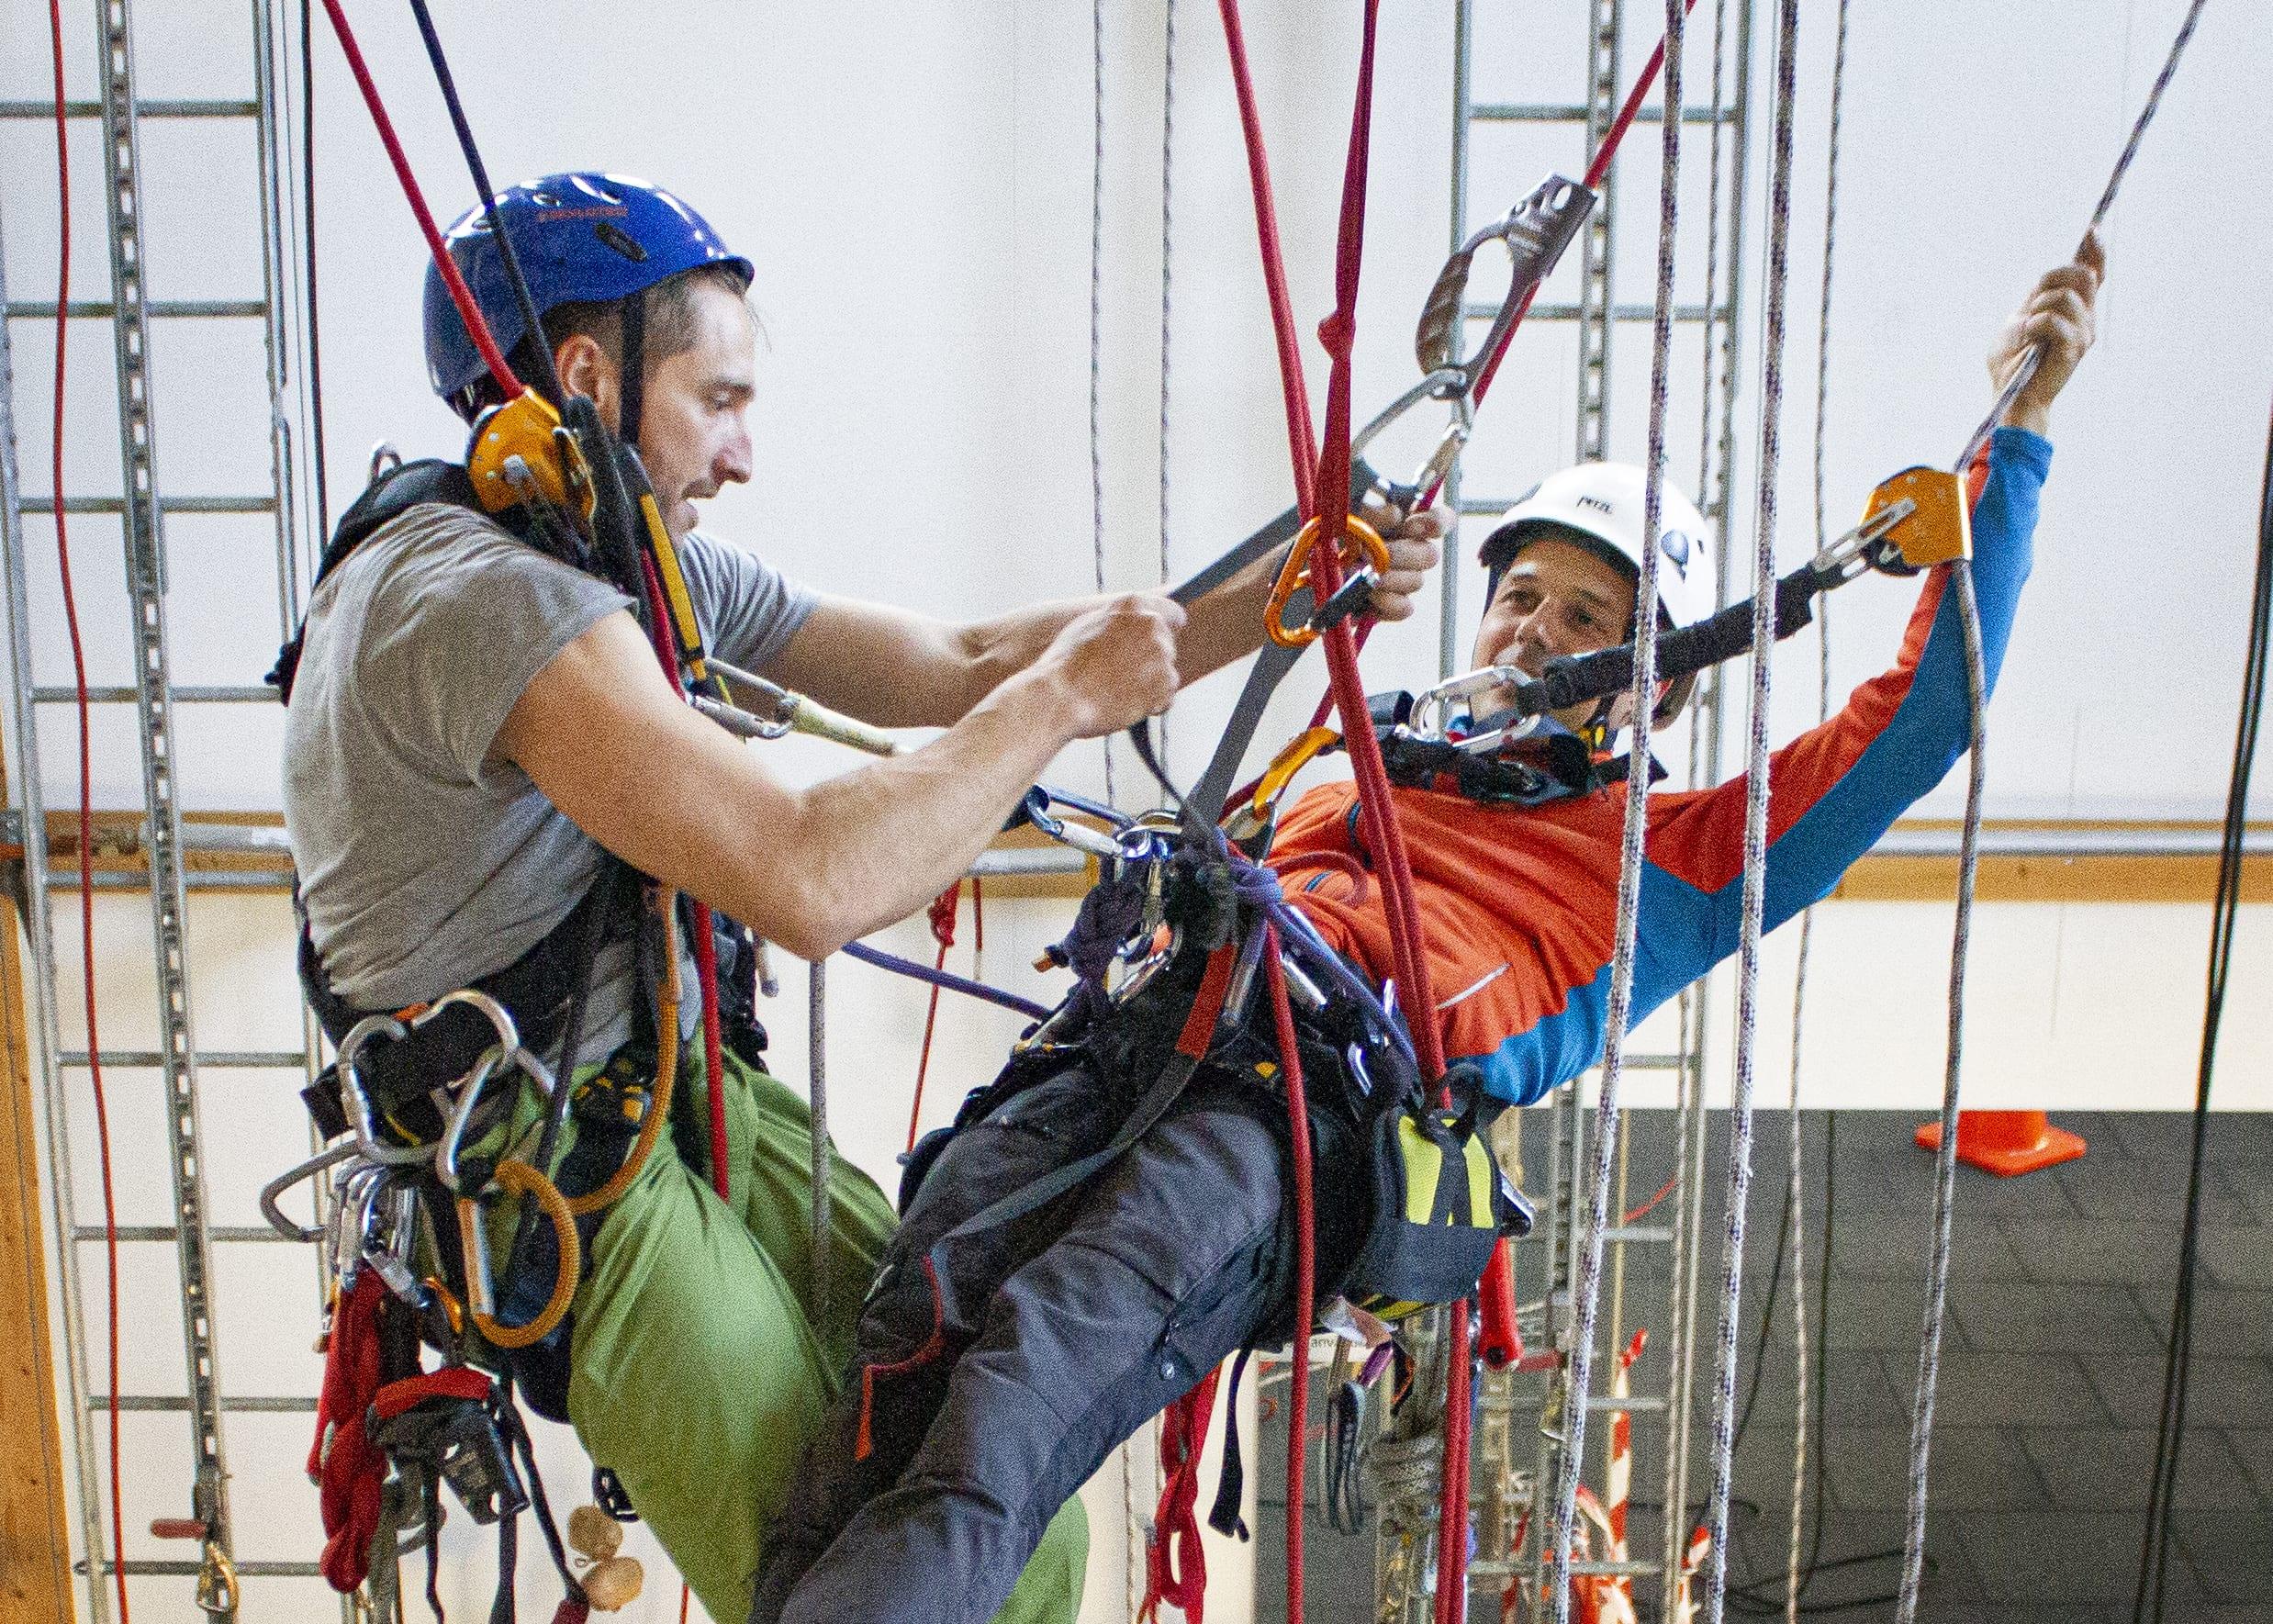 Utbildningar, kurser, fallskydd, lyft, yrkesklättring, säkerhet, jobba säkert, IRATA